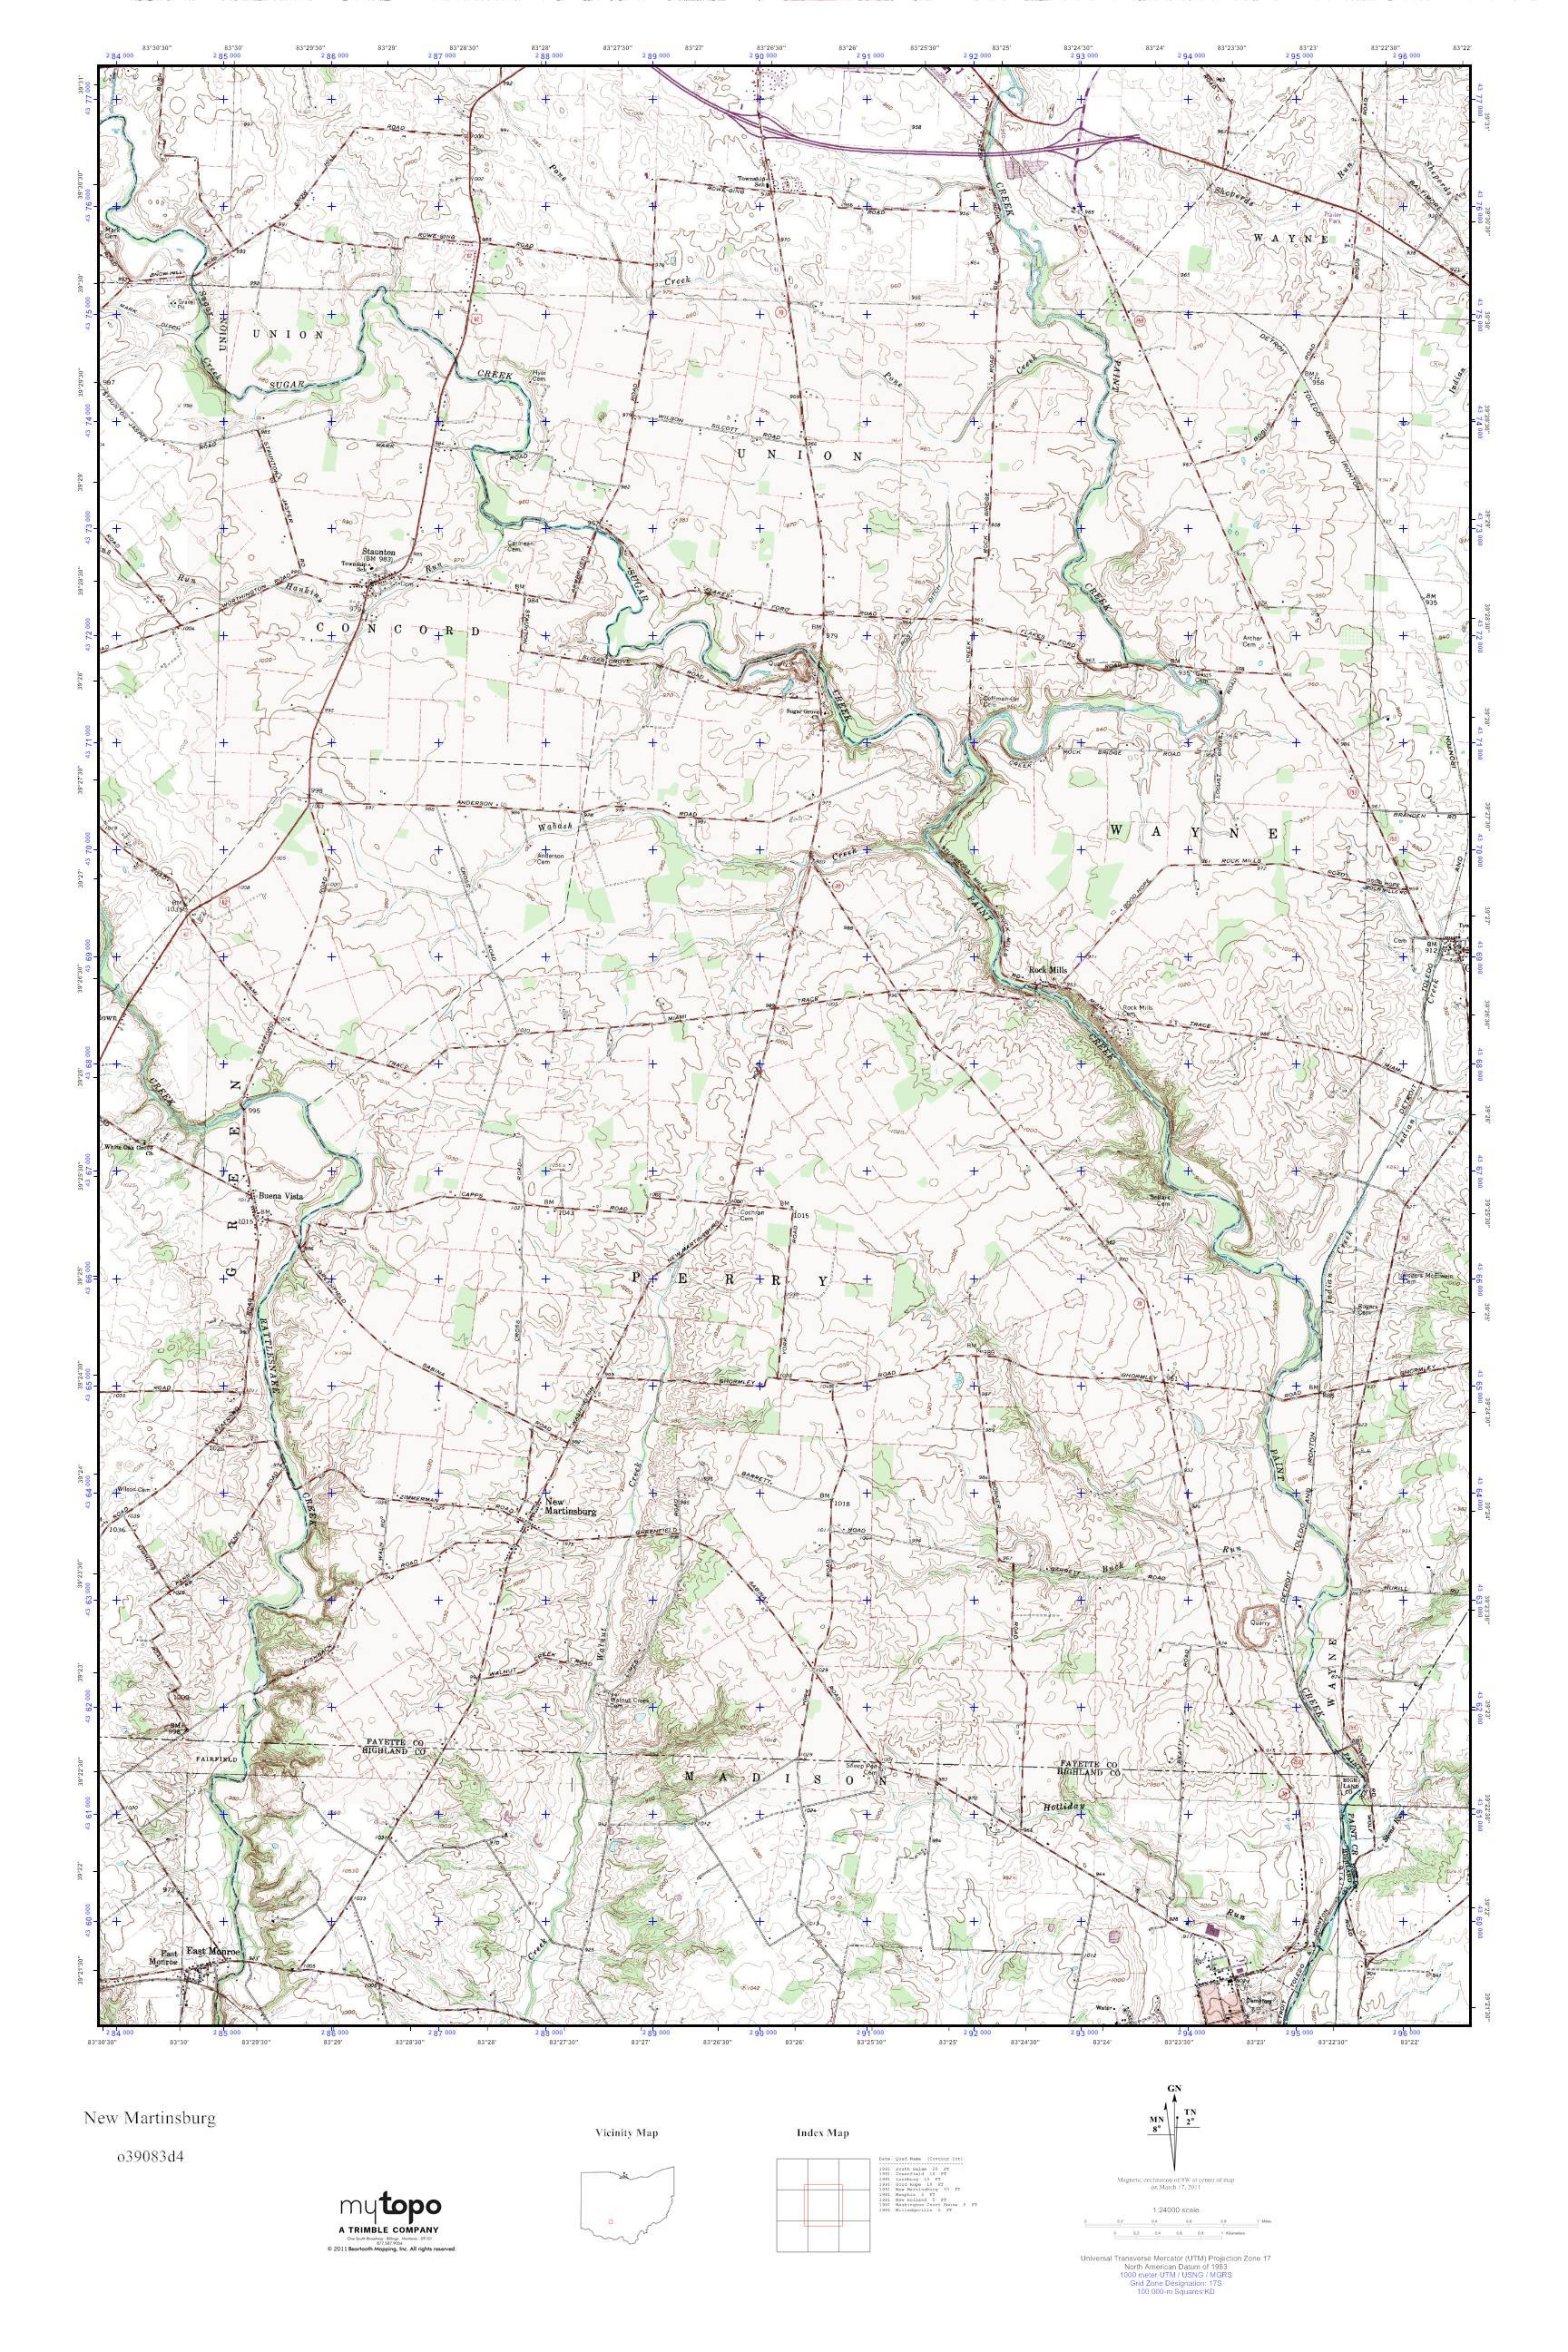 MyTopo New Martinsburg Ohio USGS Quad Topo Map